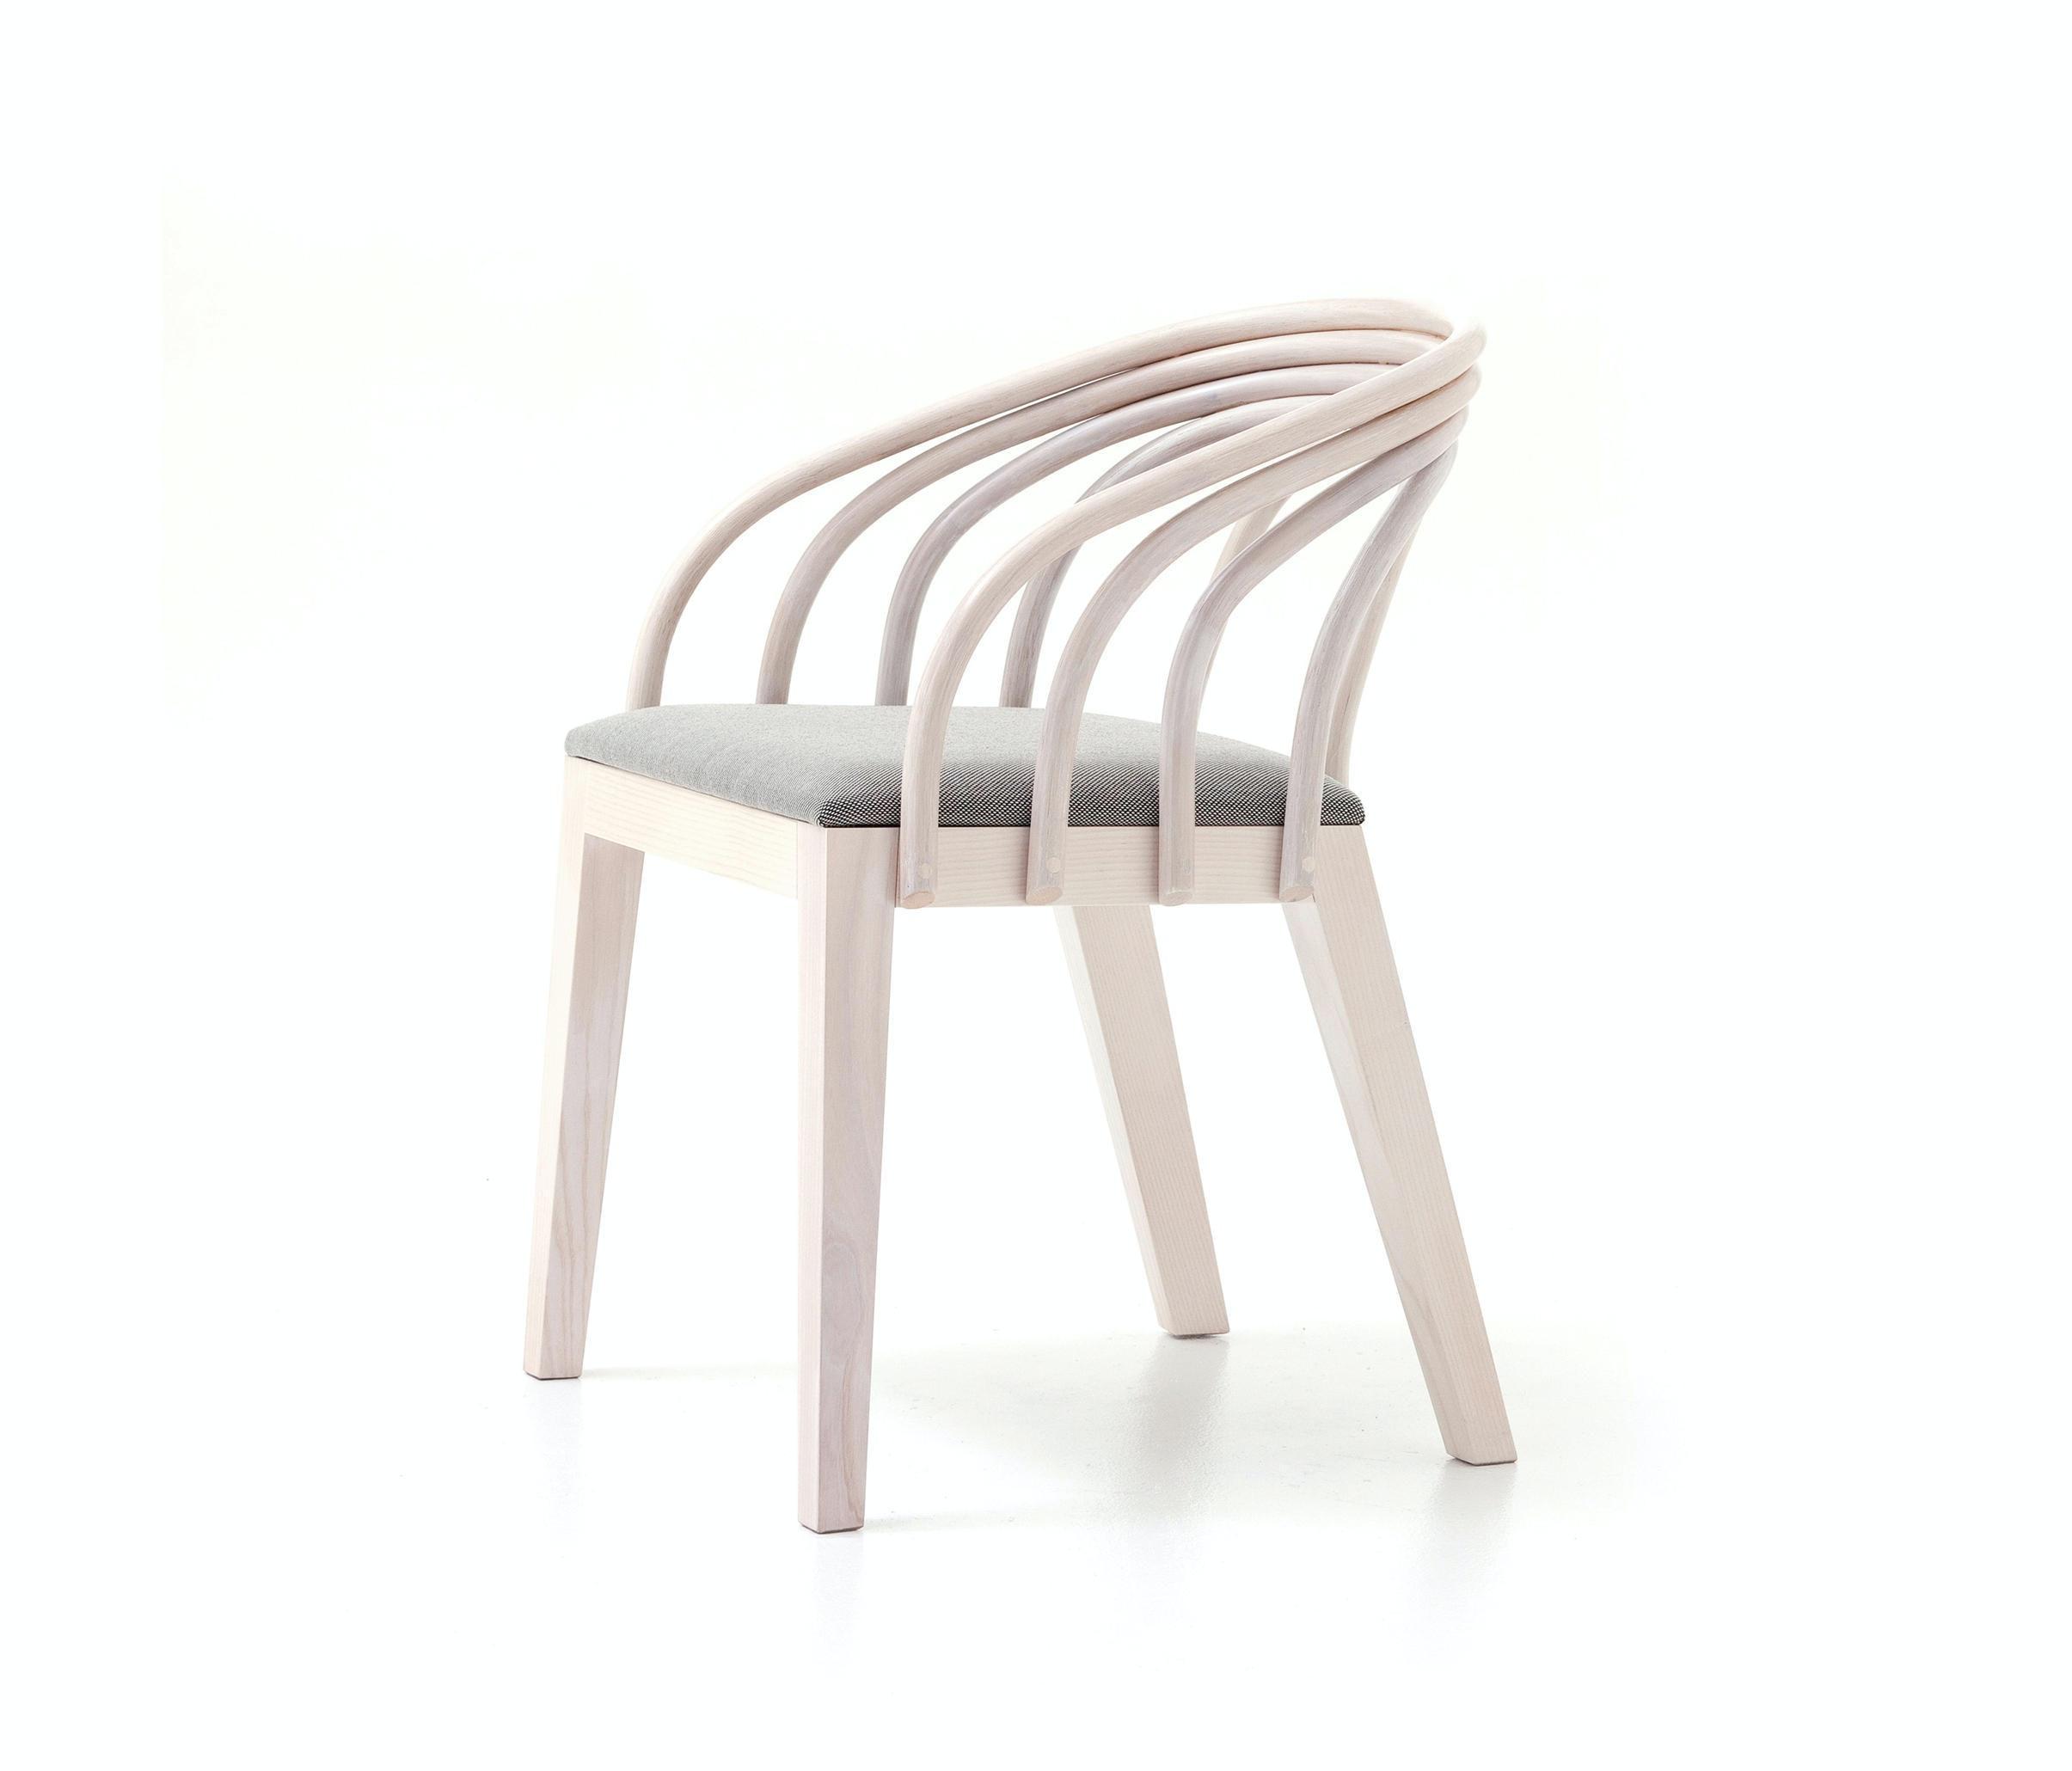 Loops Design Marcel Wanders 2 B